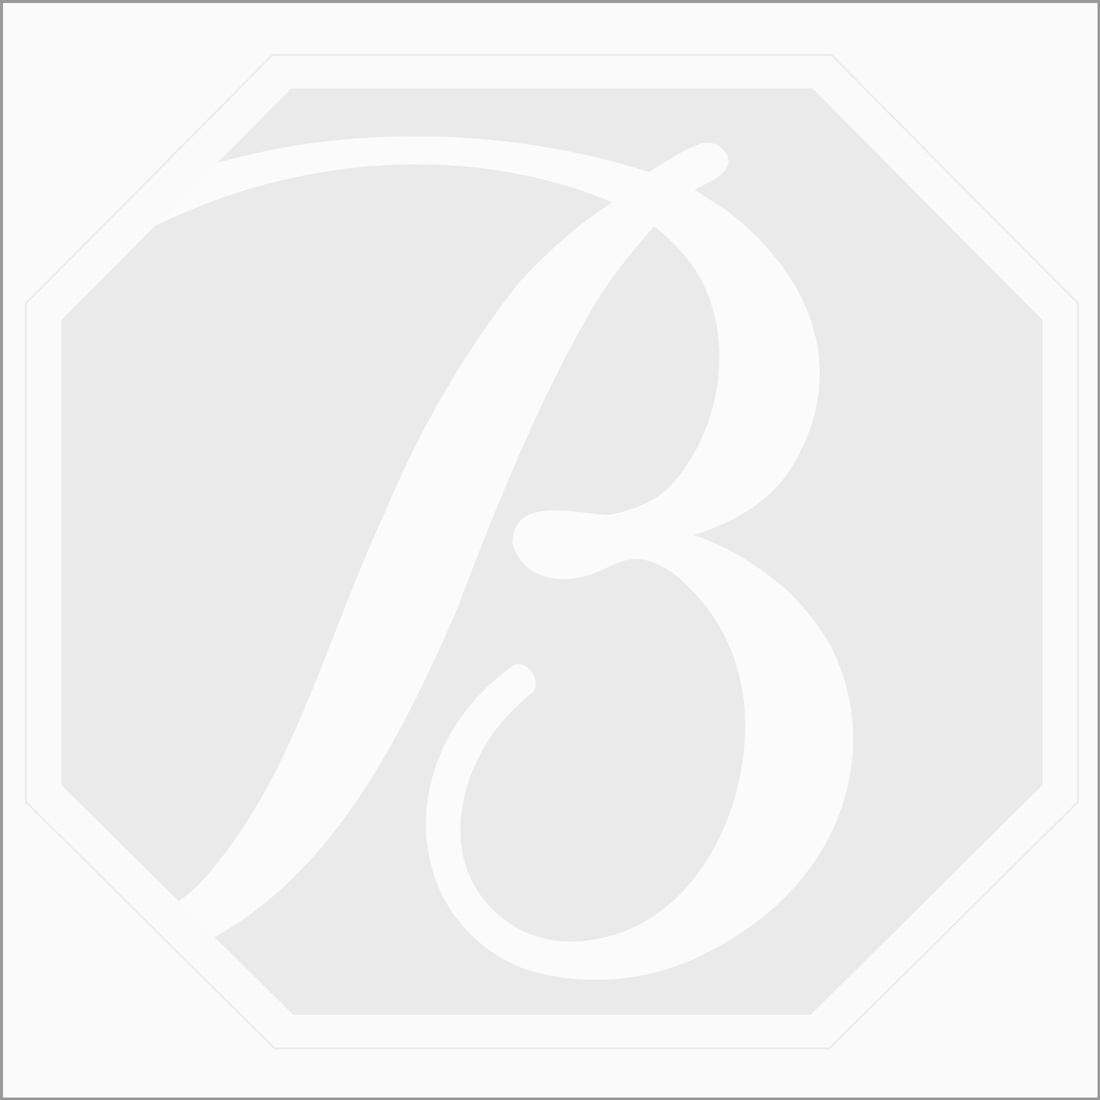 2 Pcs - 7.76 ct. - Green Tourmaline Rose Cut -14.7 x 9.6 x 3.3 mm to 15 x 10.2 x 2.4 mm (TRC1088)